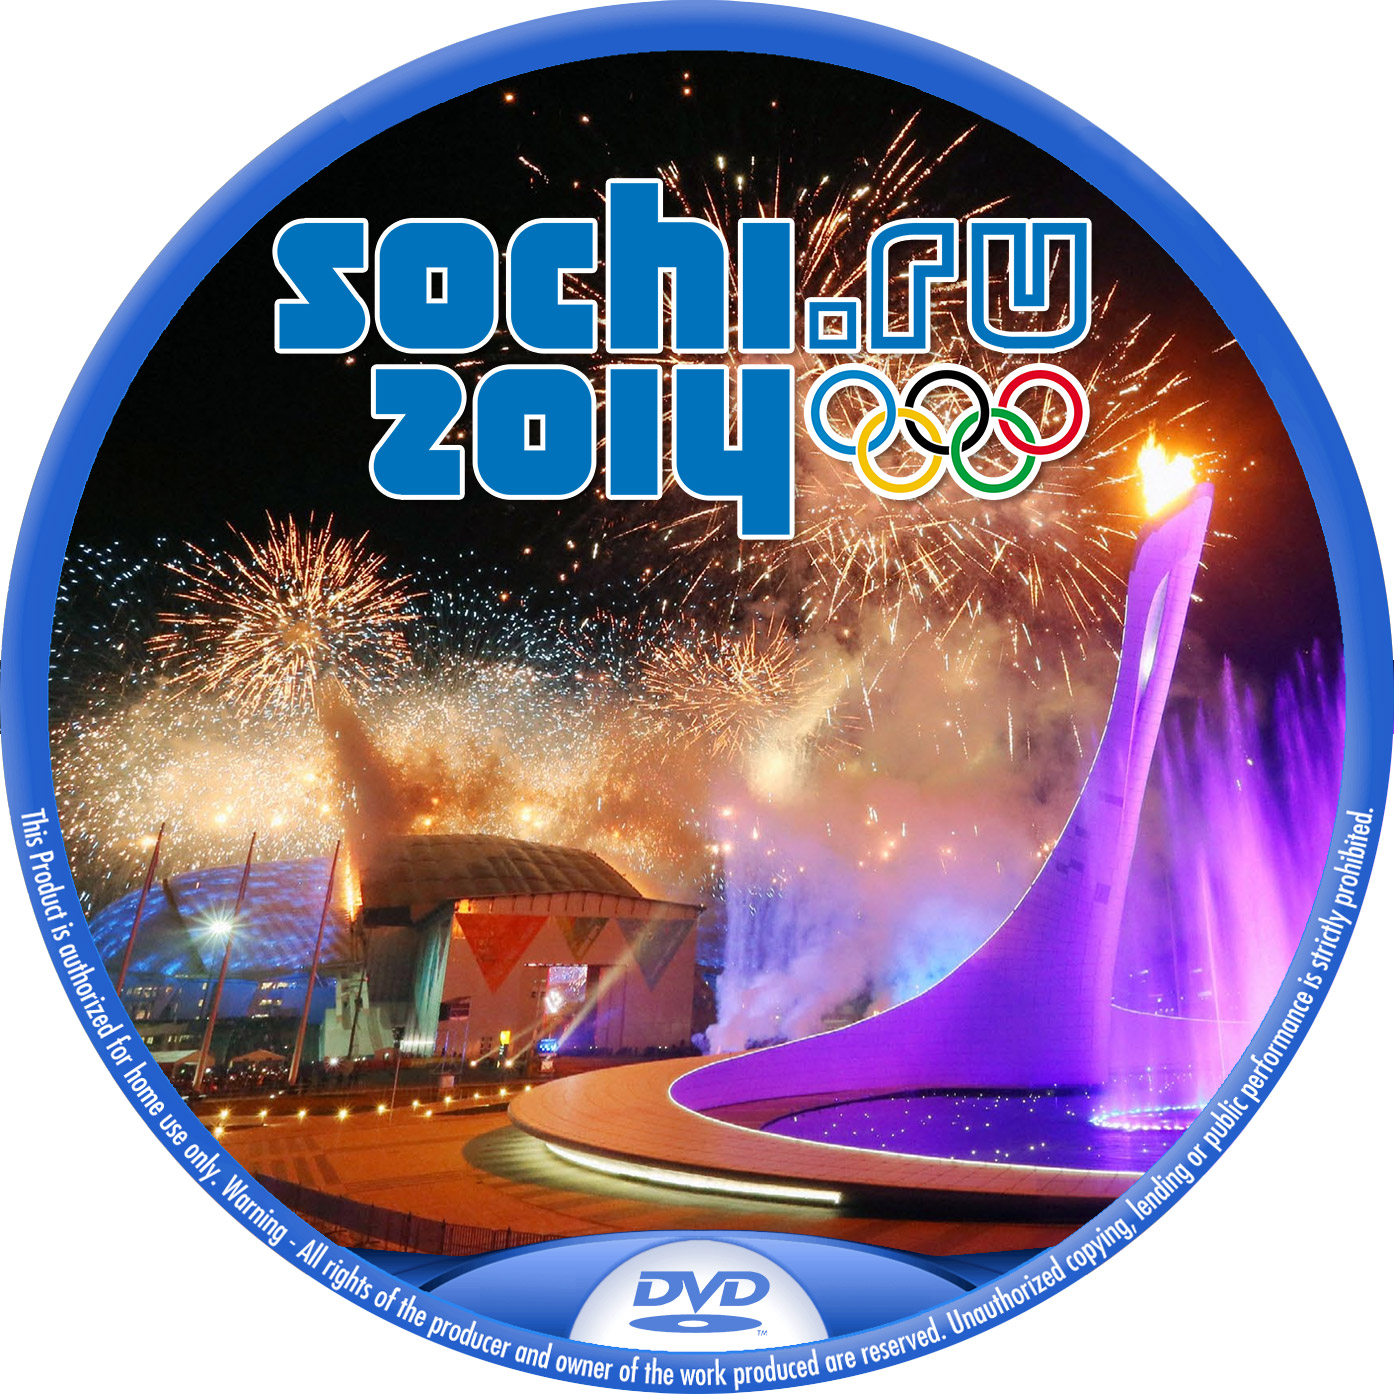 ソチオリンピック DVDラベル 汎用版